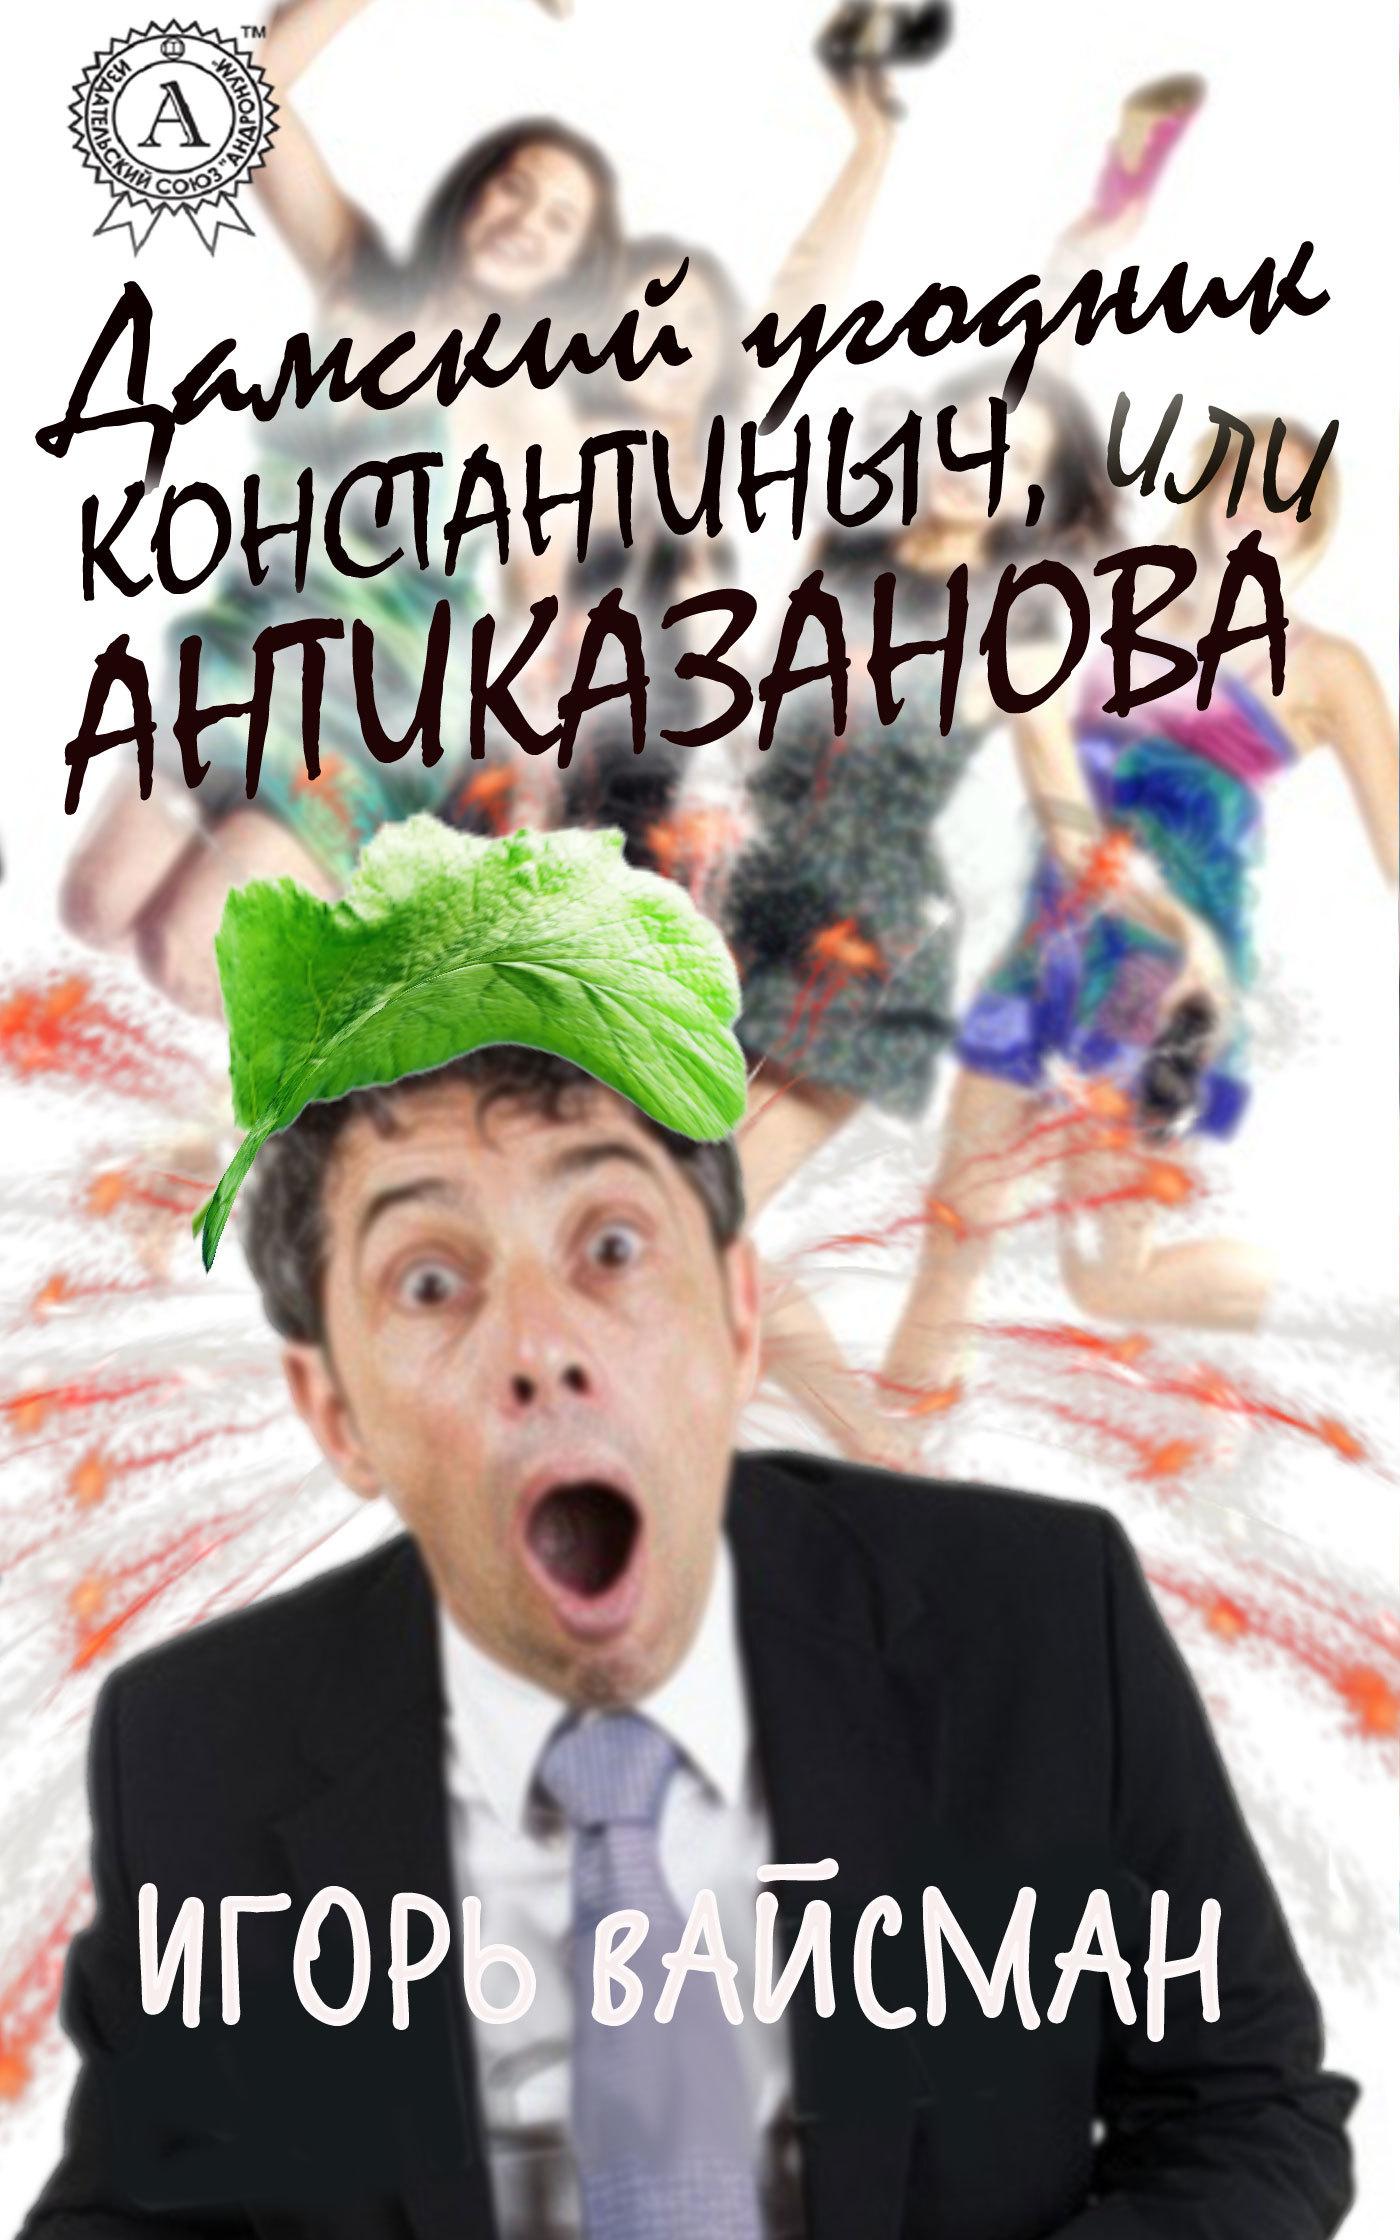 Обложка книги Дамский угодник Константиныч, или Антиказанова, автор Вайсман, Игорь